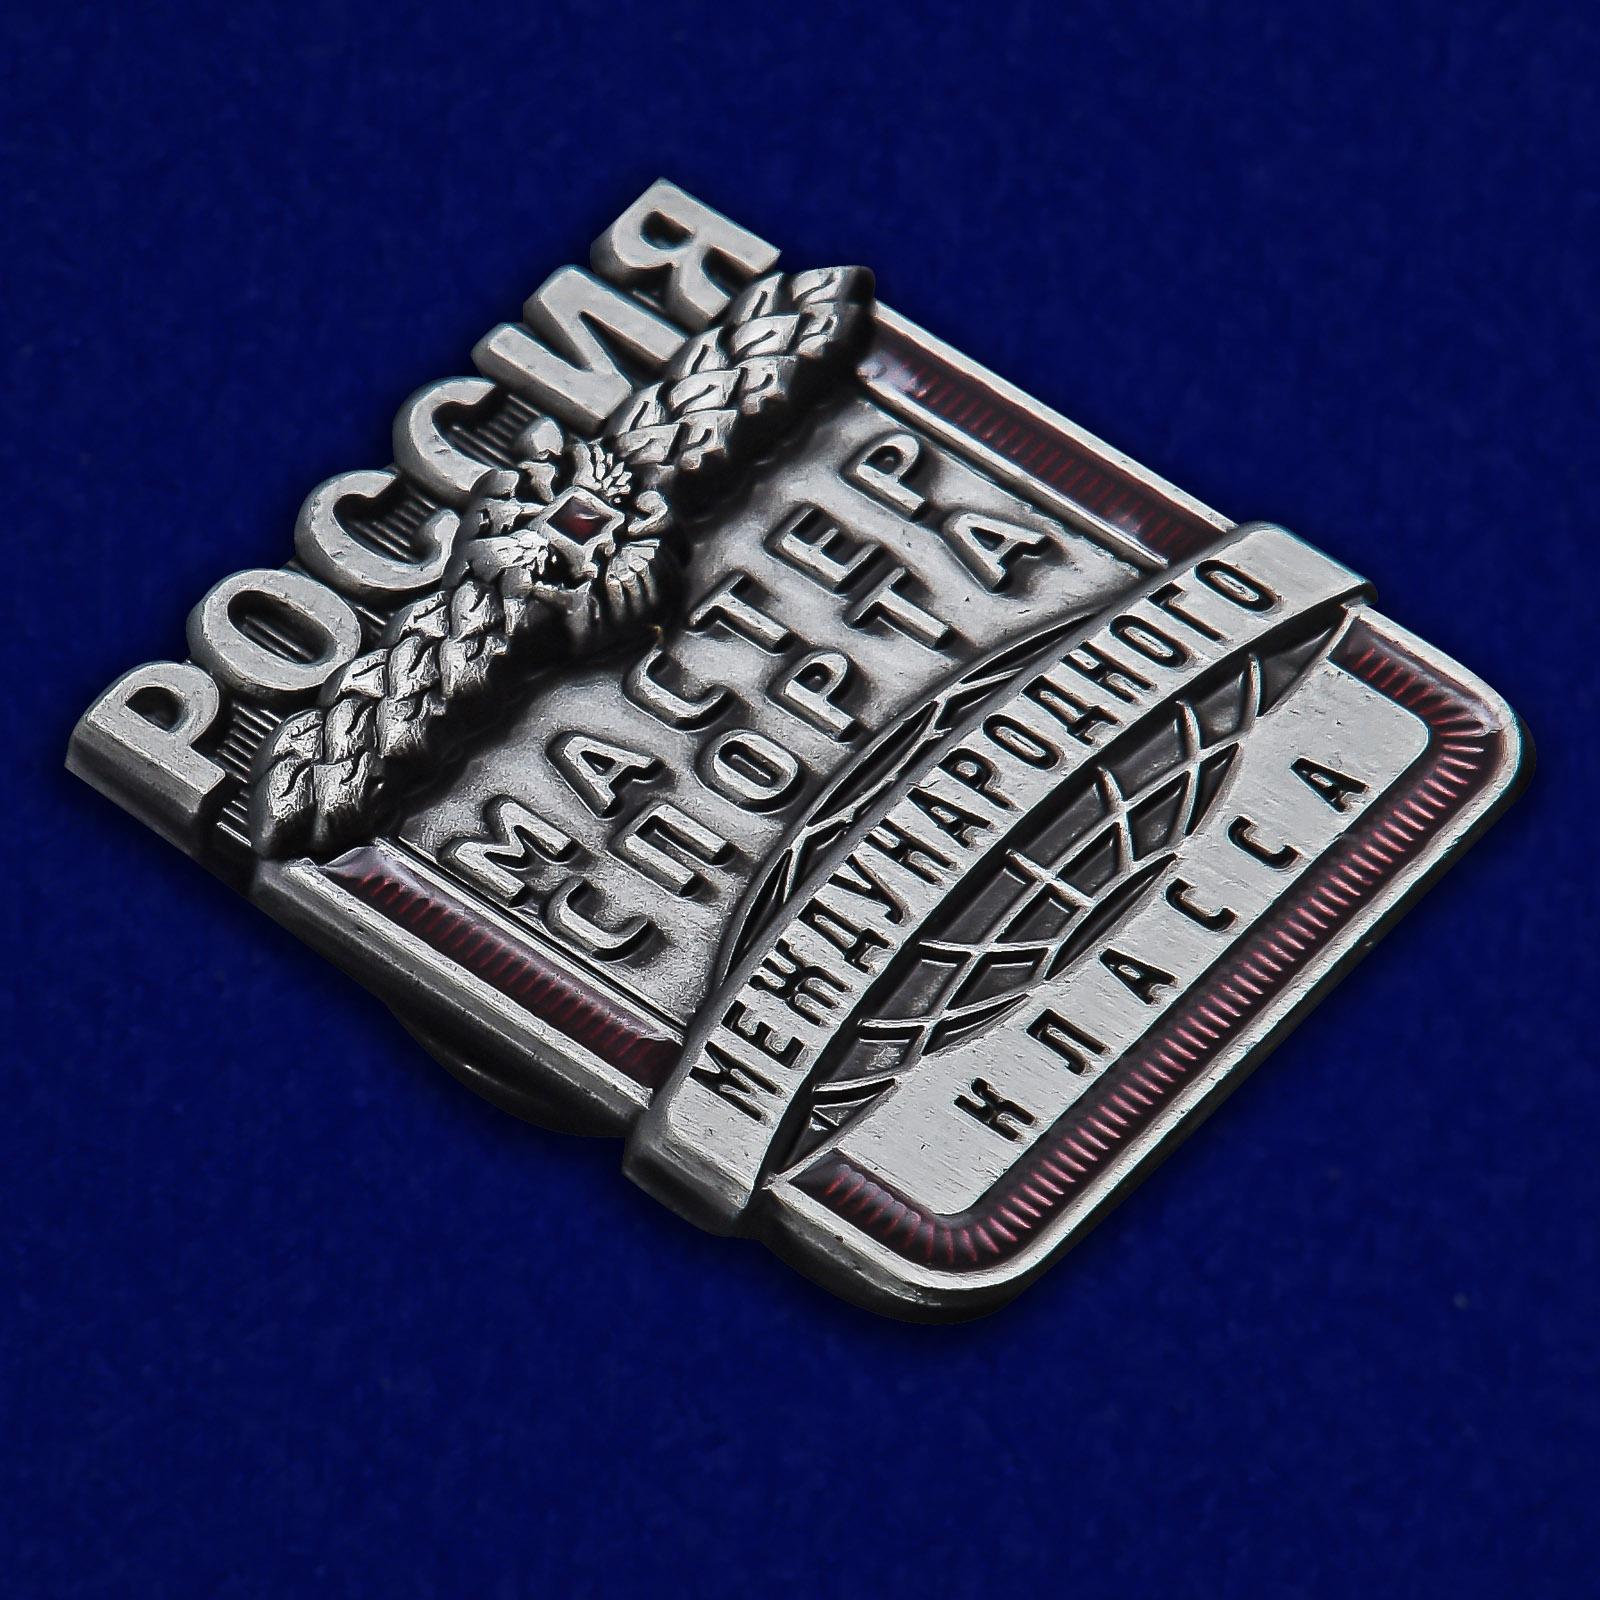 Латунный знак Мастер спорта России Международного класса - общий вид